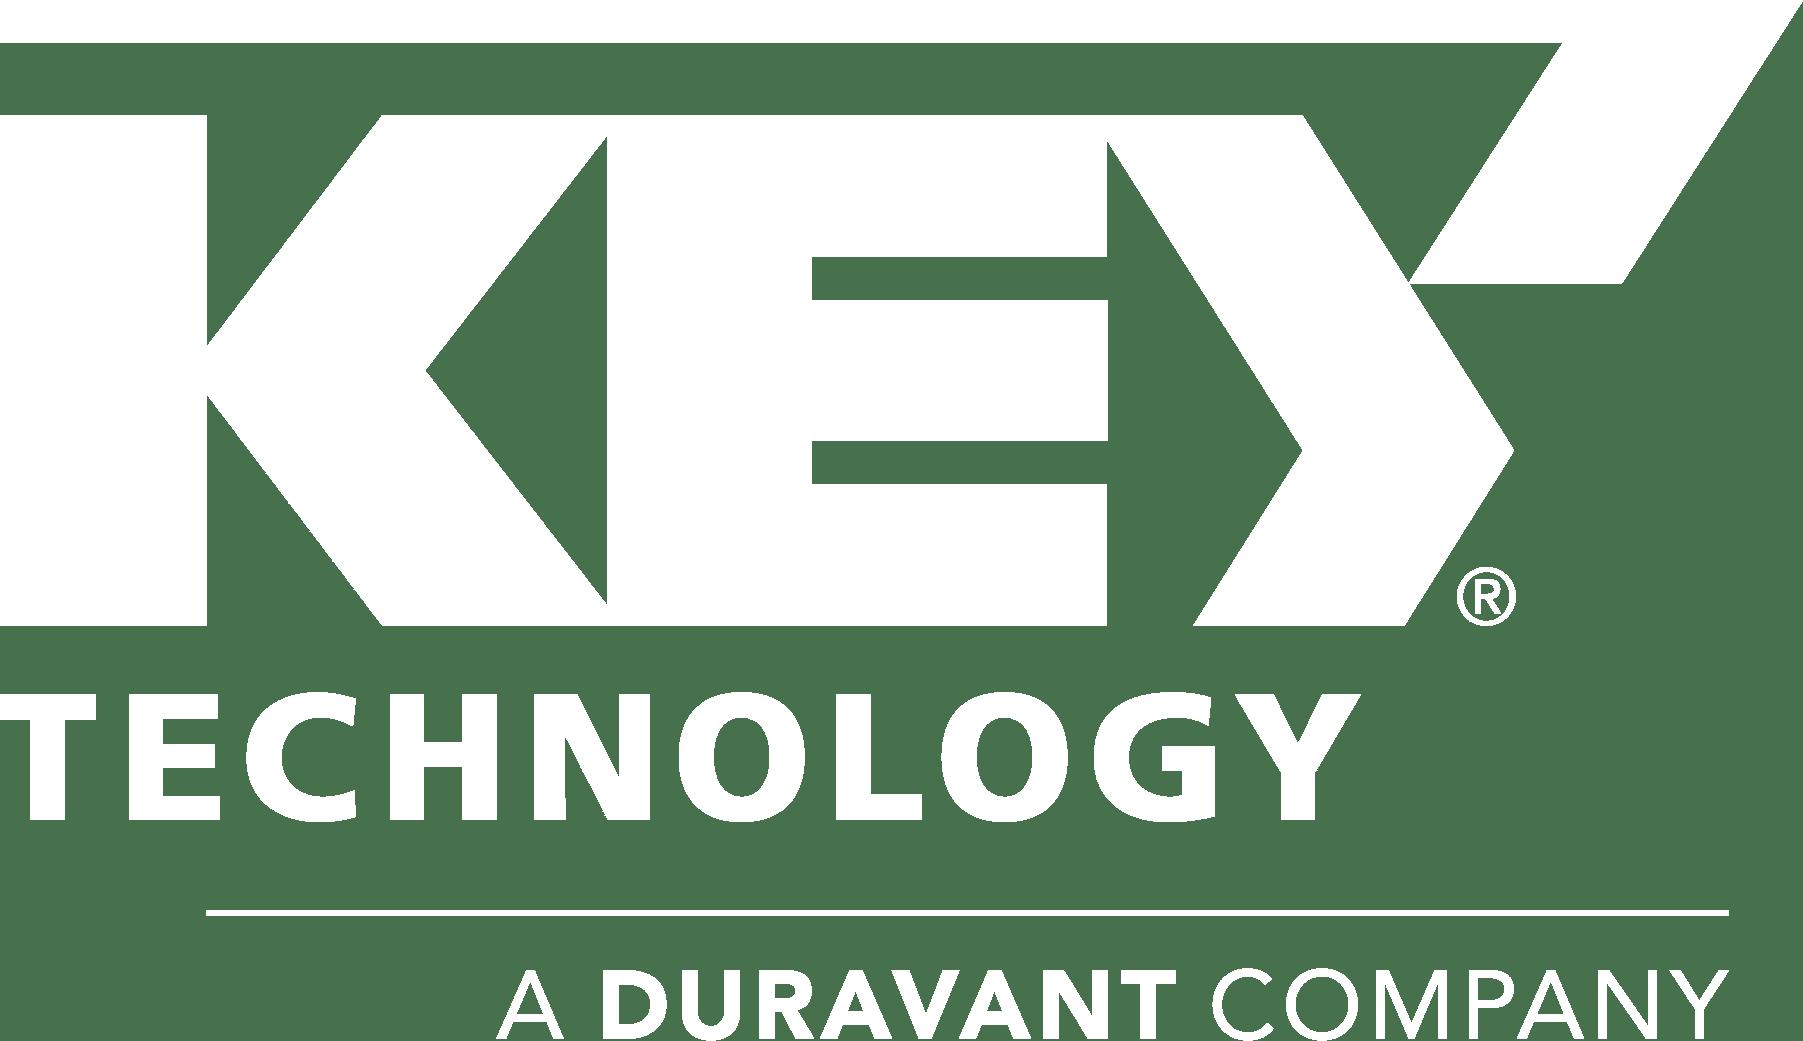 مفتاح التكنولوجيا والشعار وتصنيع معدات الفرز